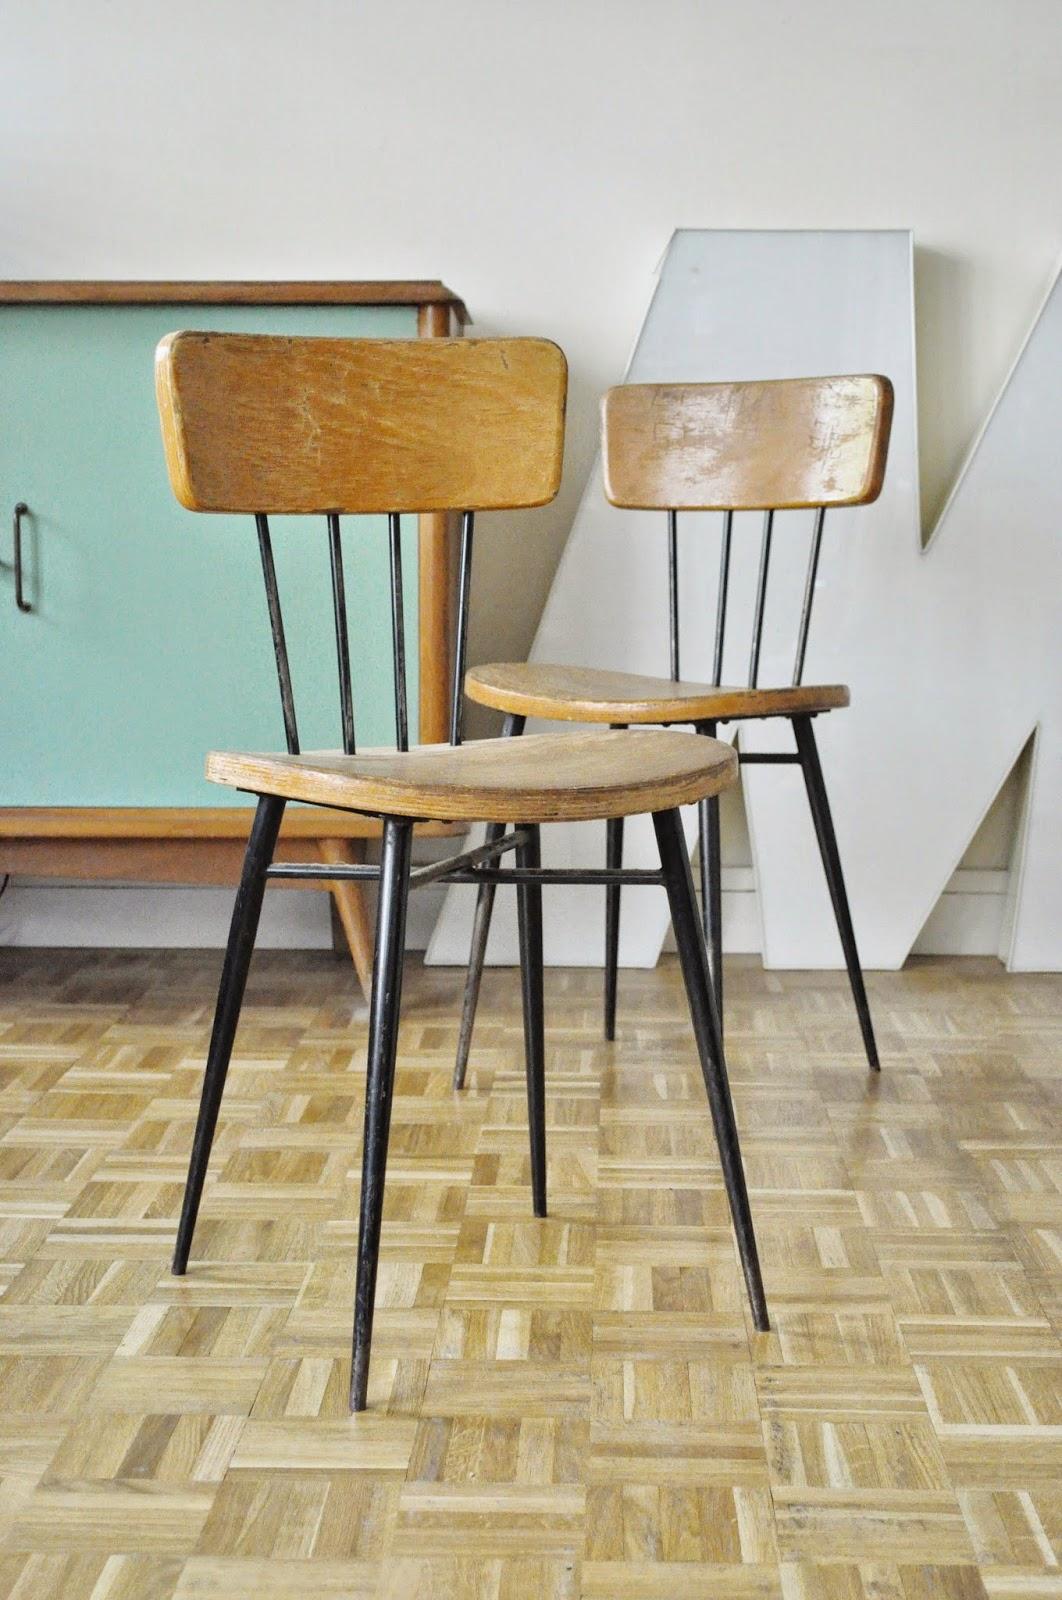 le vide grenier d 39 une parisienne. Black Bedroom Furniture Sets. Home Design Ideas